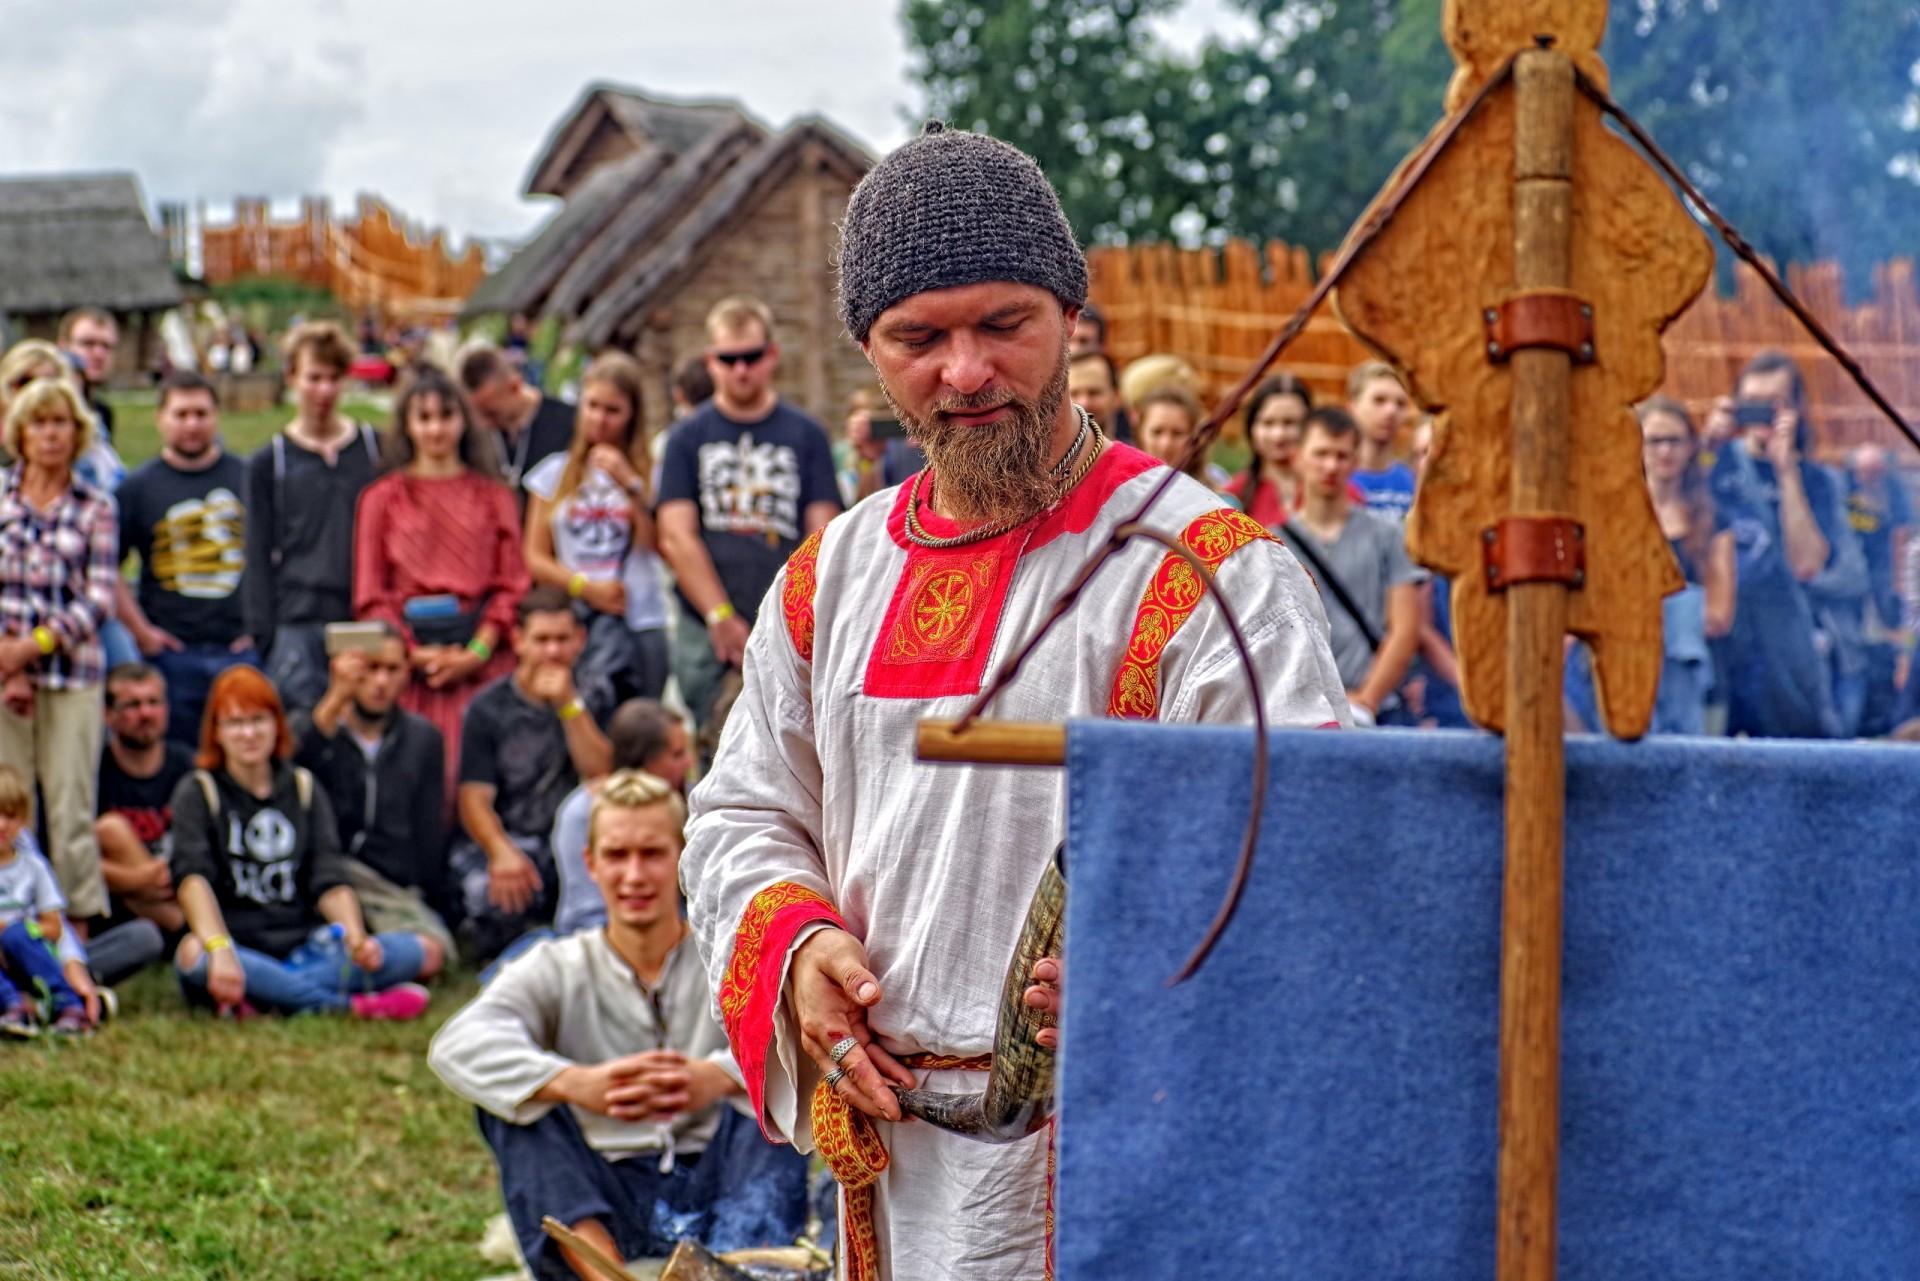 Festiwal Mitologii Słowiańskiej za nami. Jak było? [FOTOREPORTAŻ] 11